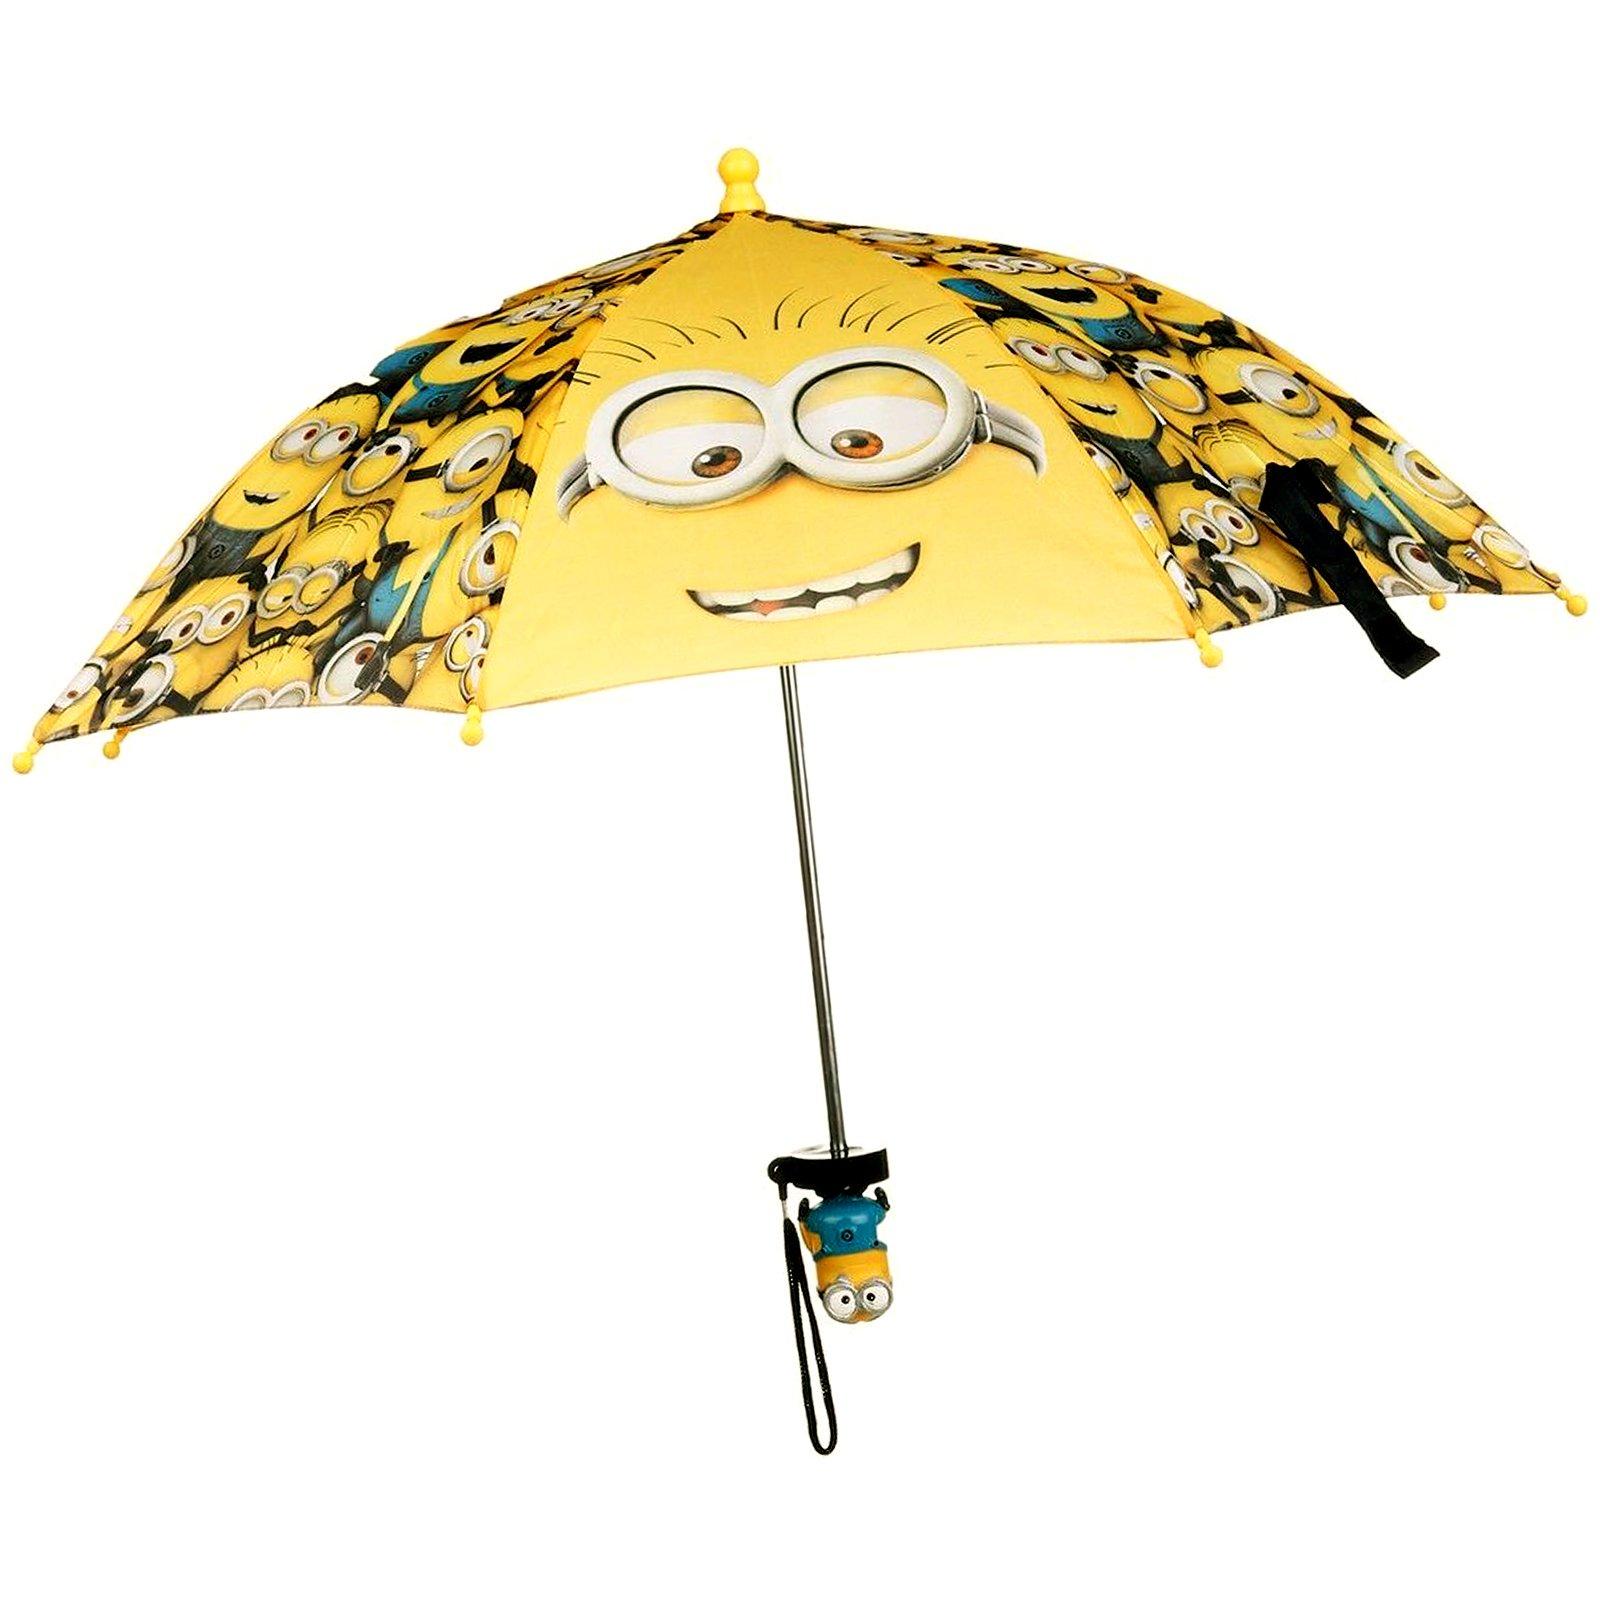 Minions Character Umbrella